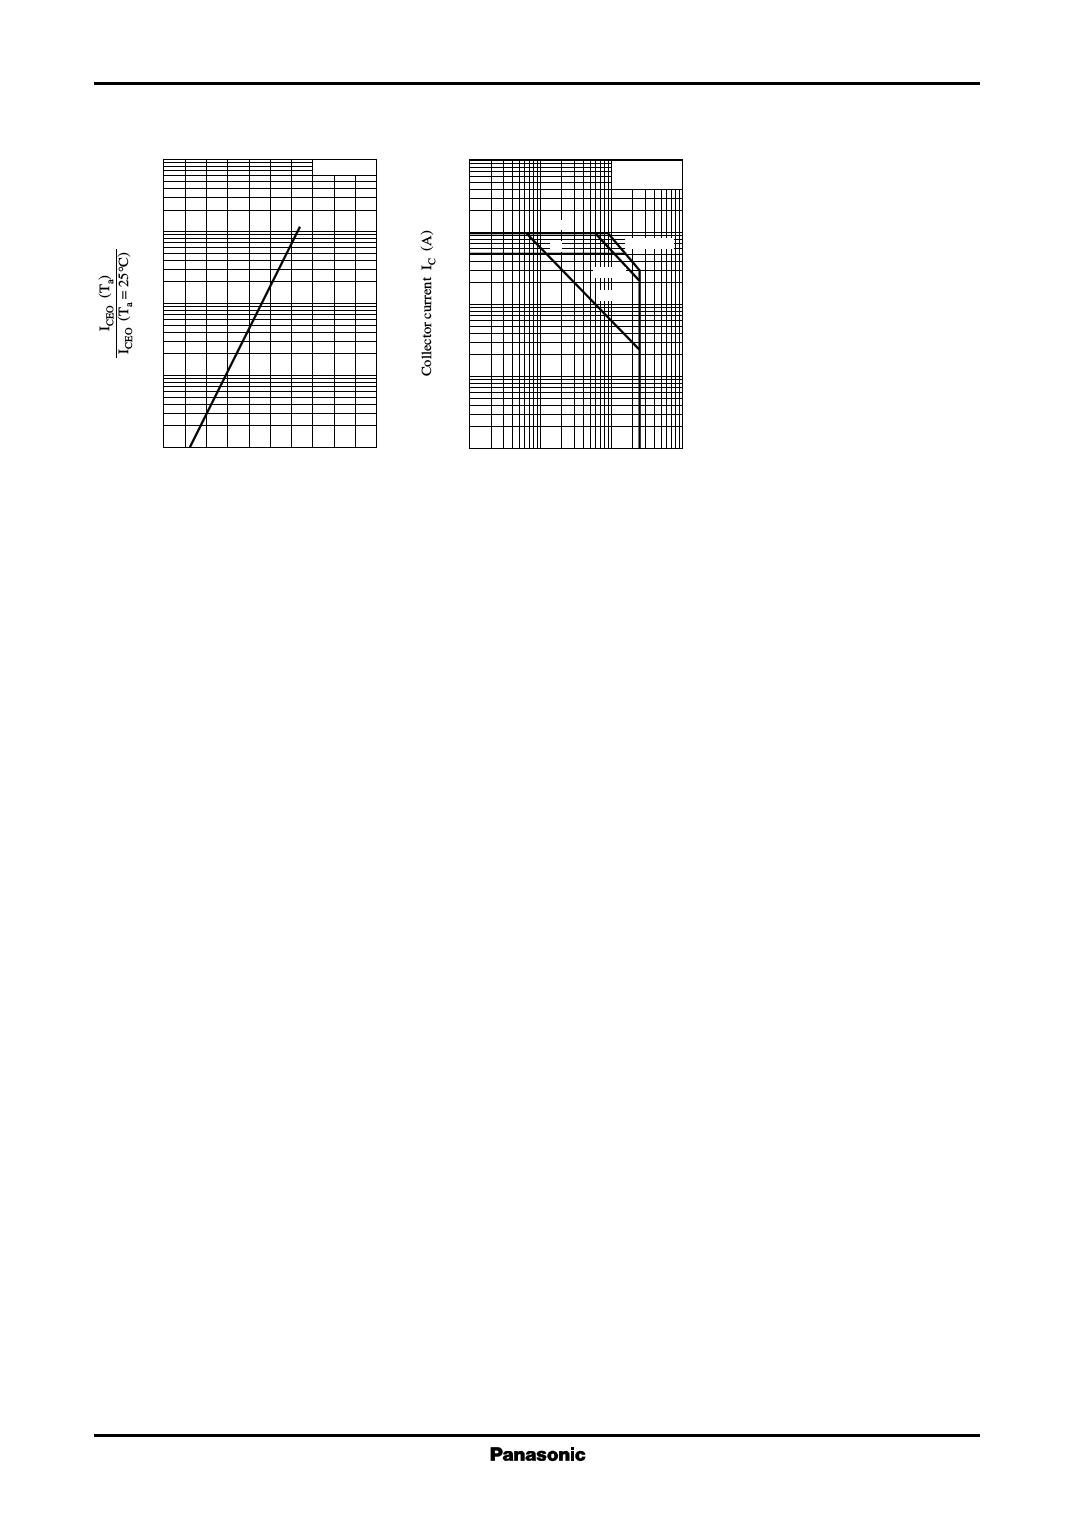 C1318 pdf, ピン配列